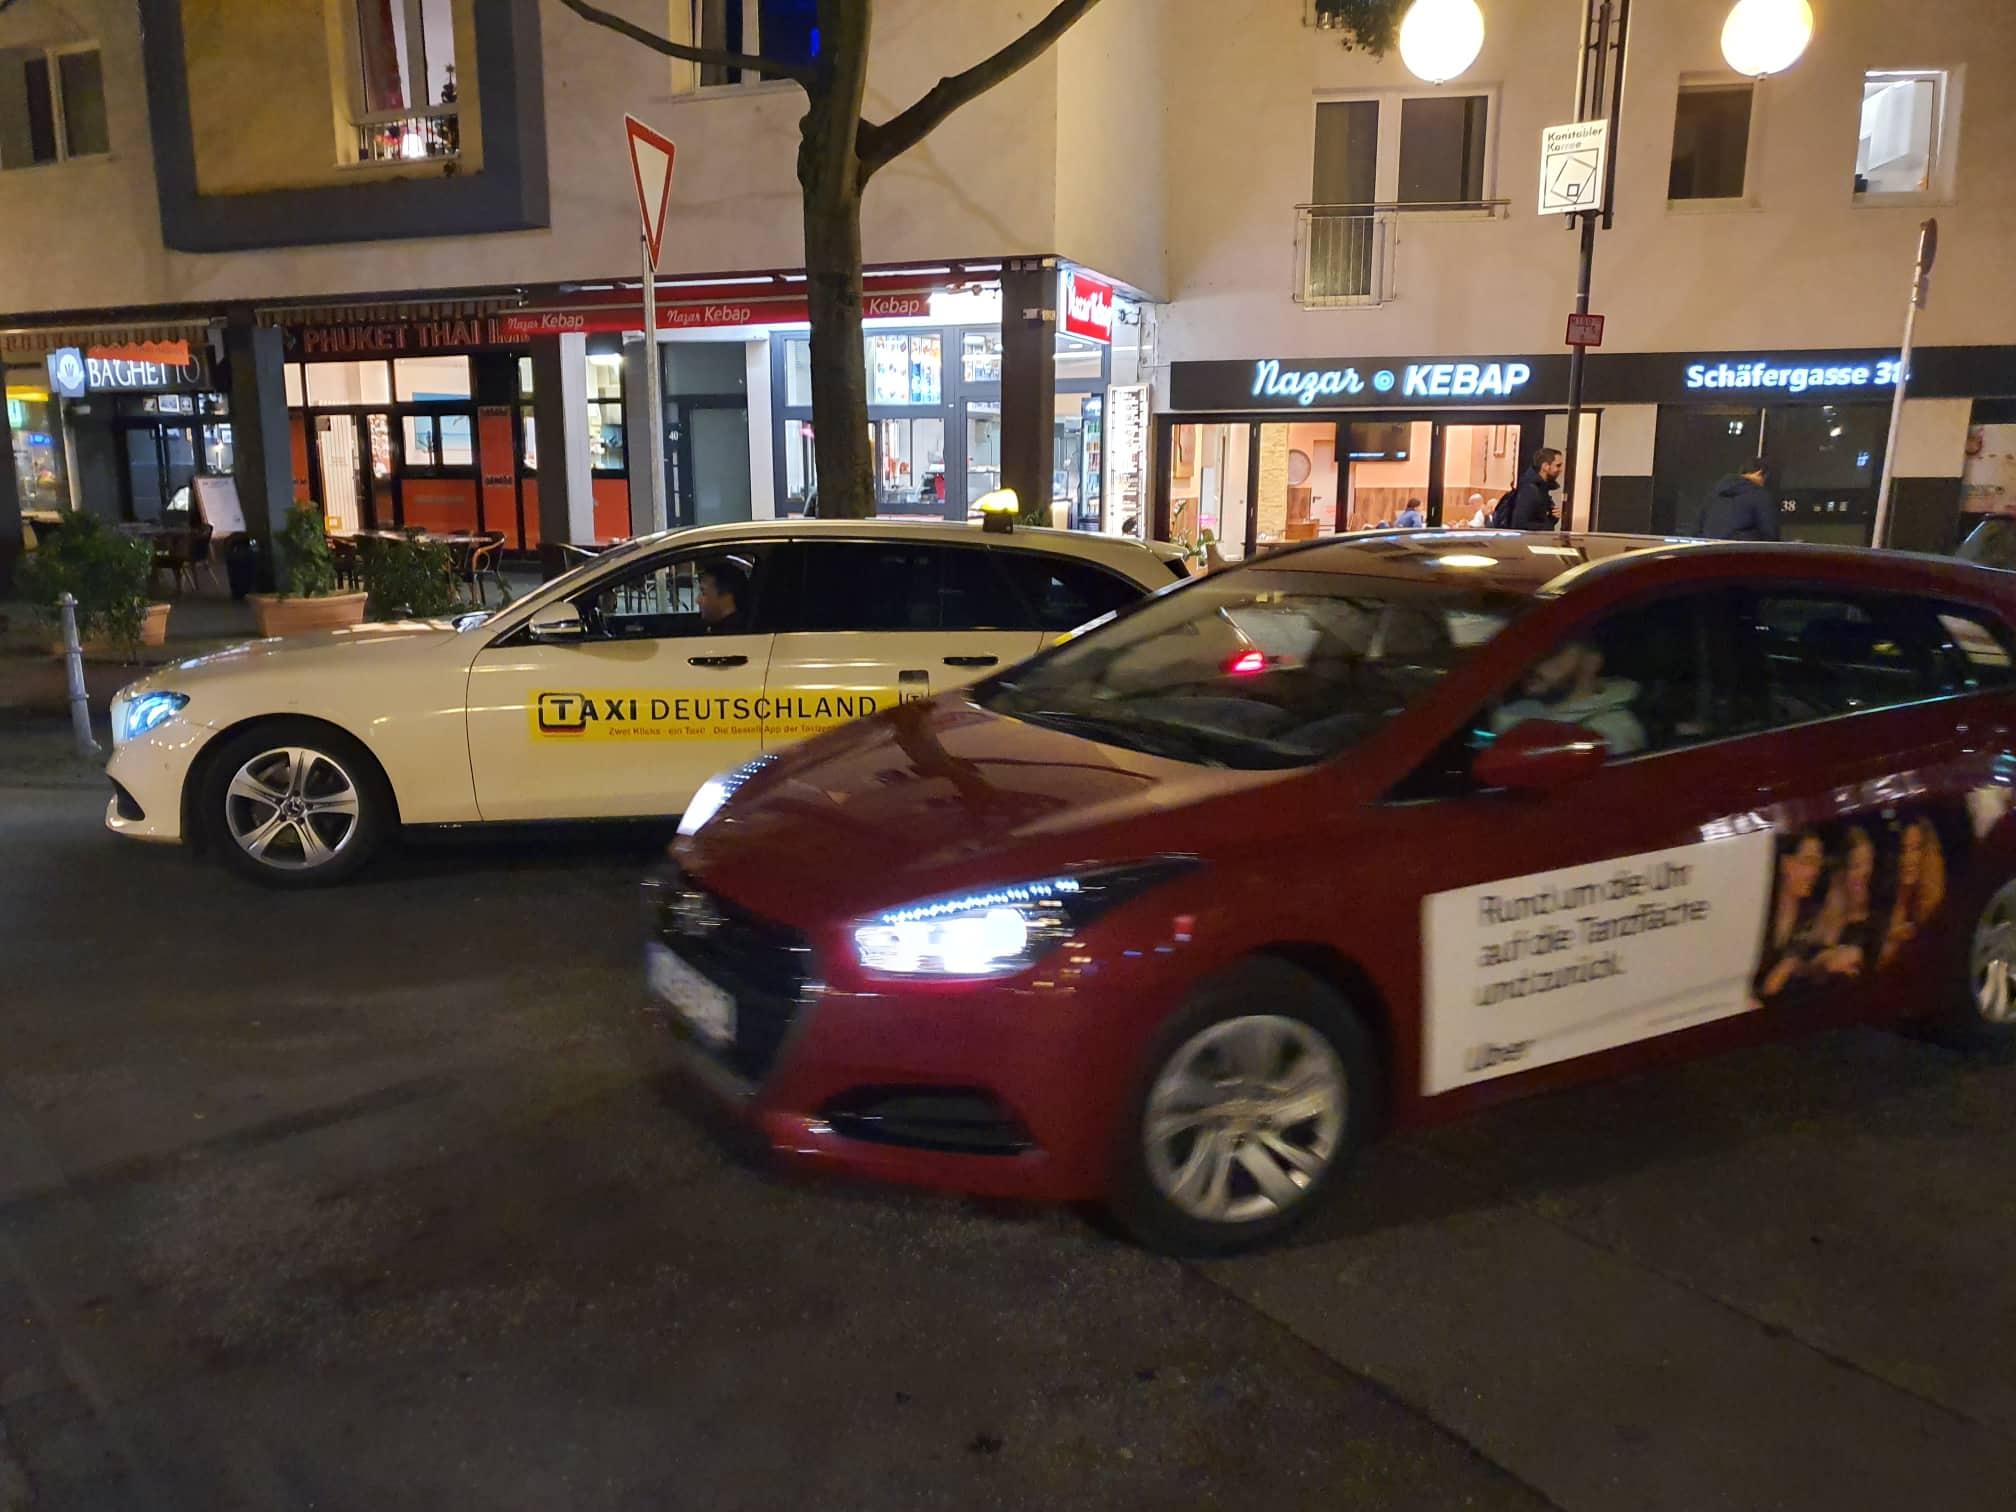 Am Vorabend der Entscheidung des Landgerichts Frankfurt in der Klage von Taxi Deutschland gegen Uber